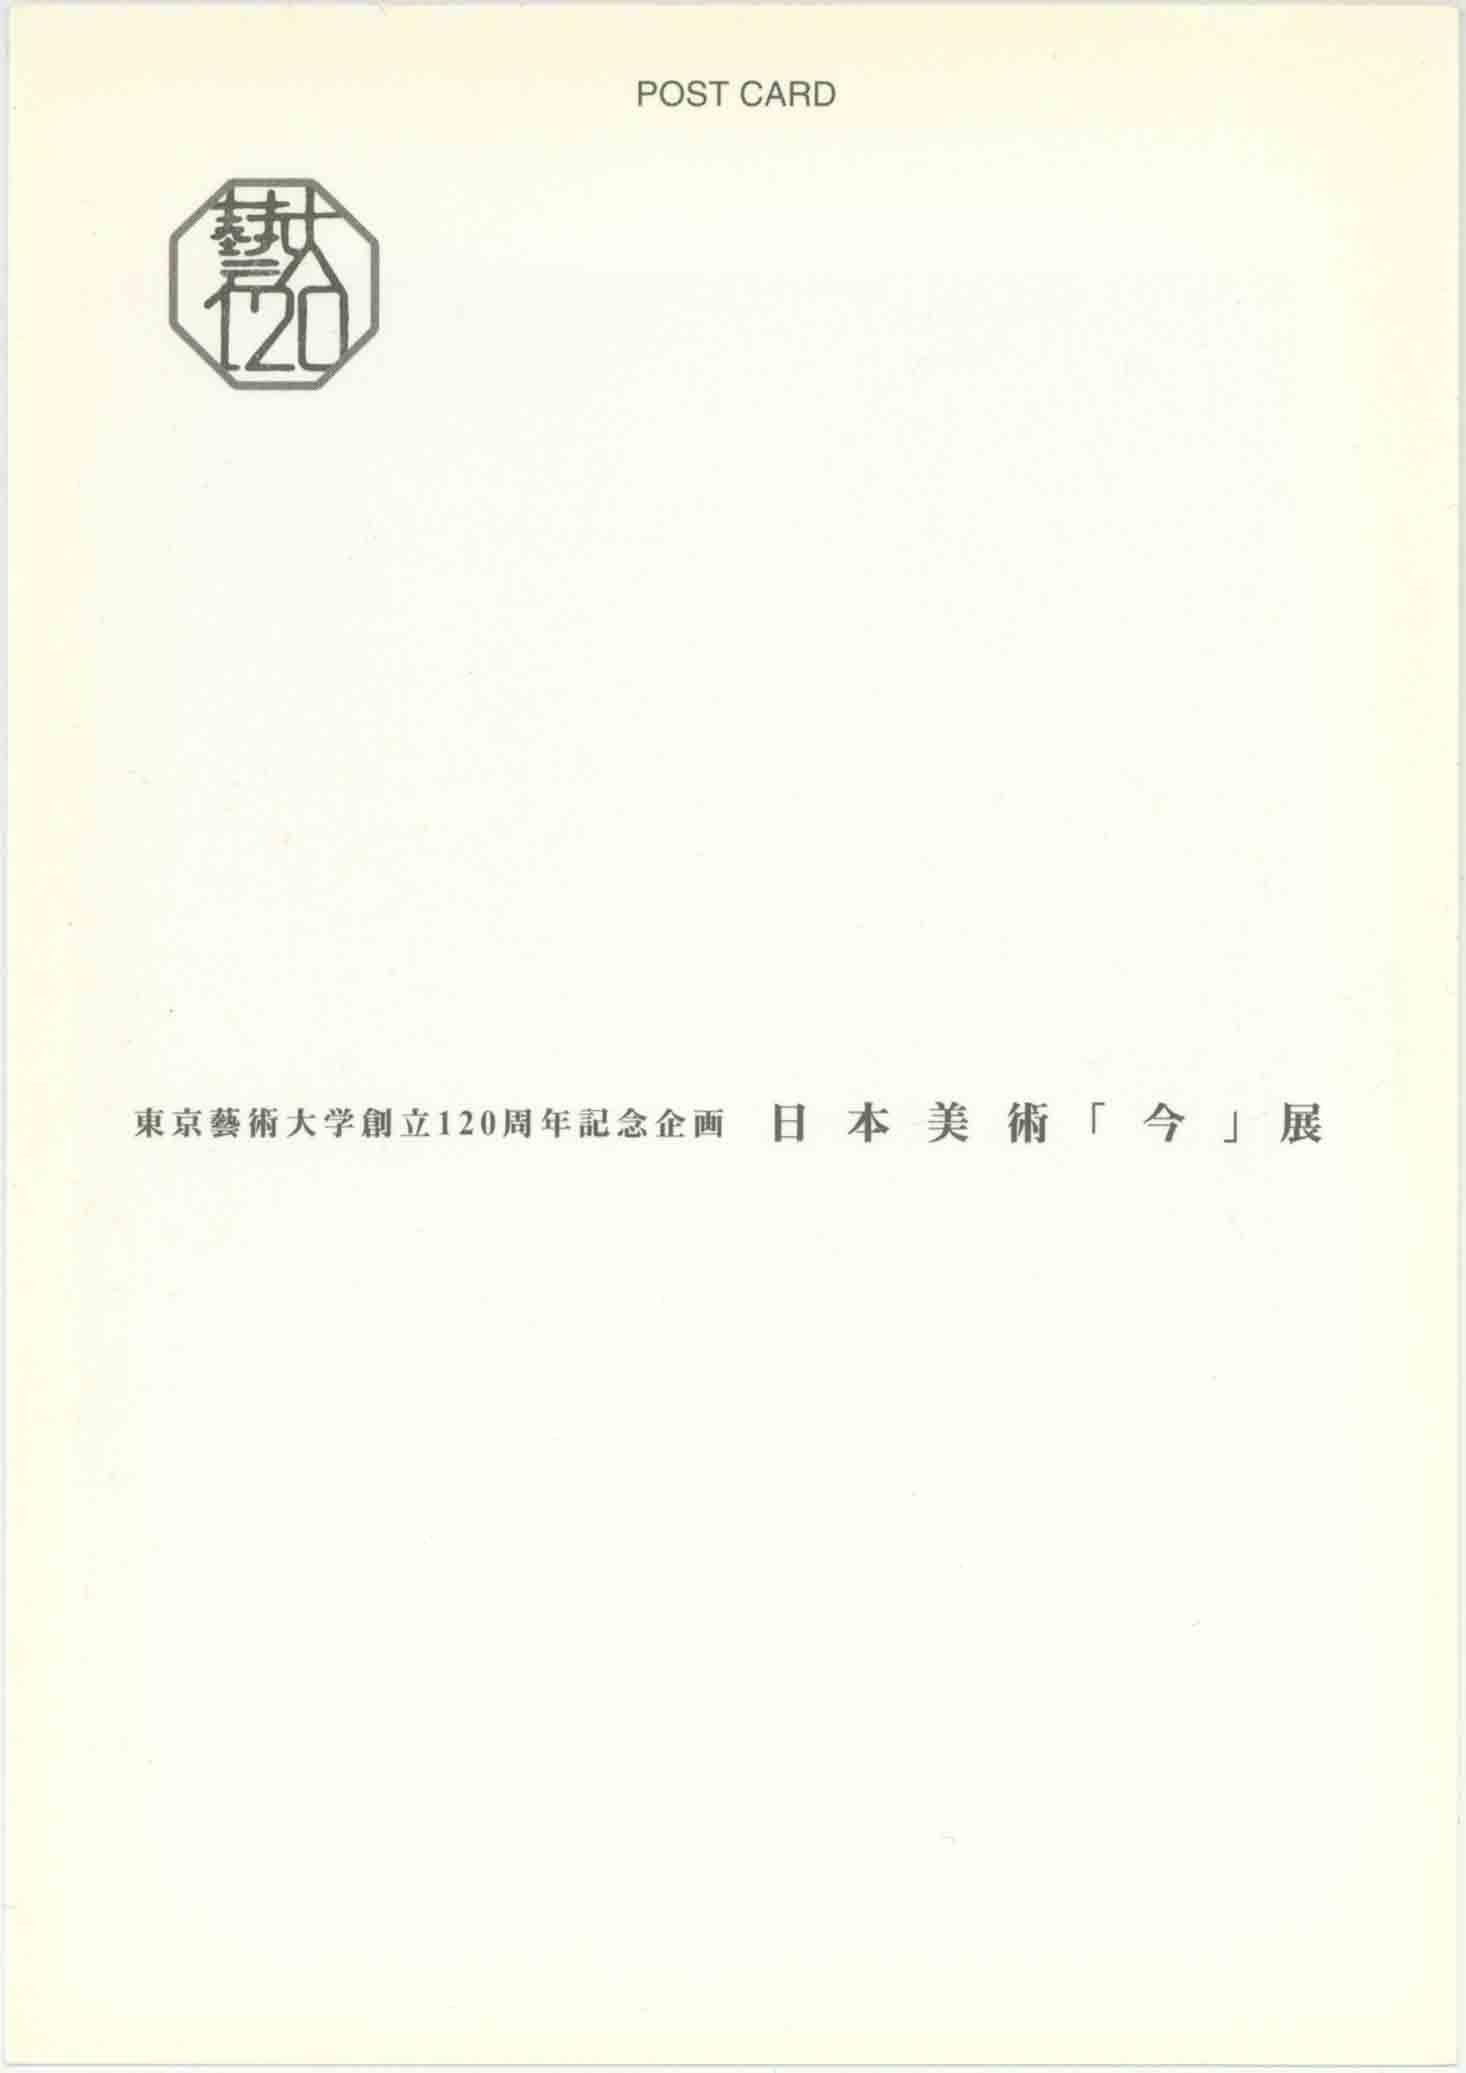 東京藝術大学創立120周年記念企画日本美術「今」展